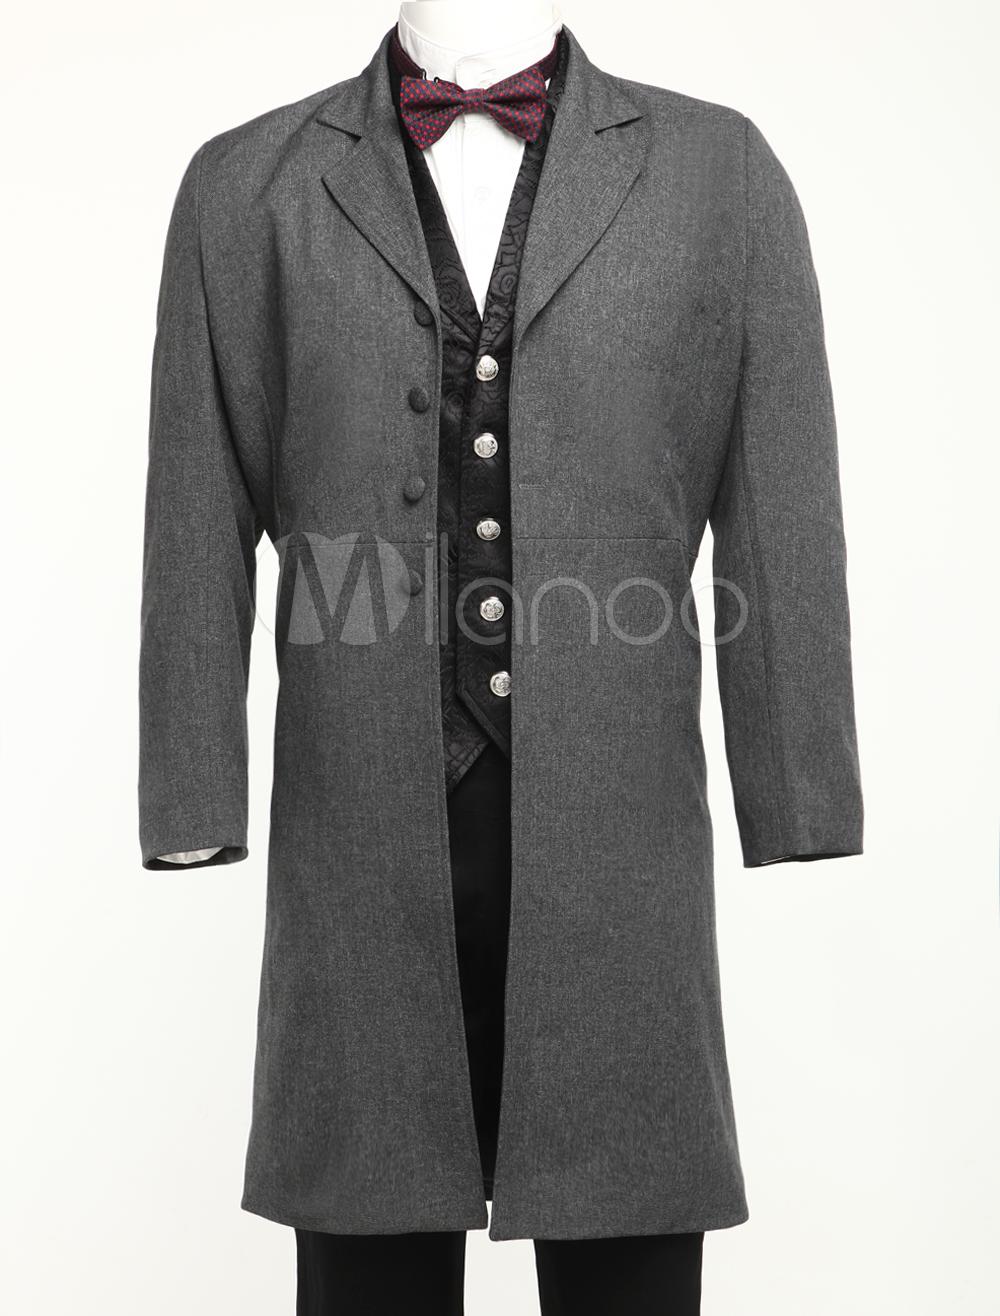 Buy Men's Vintage Costume Victorian Grey Coat Retro Overcoat Halloween for $90.99 in Milanoo store